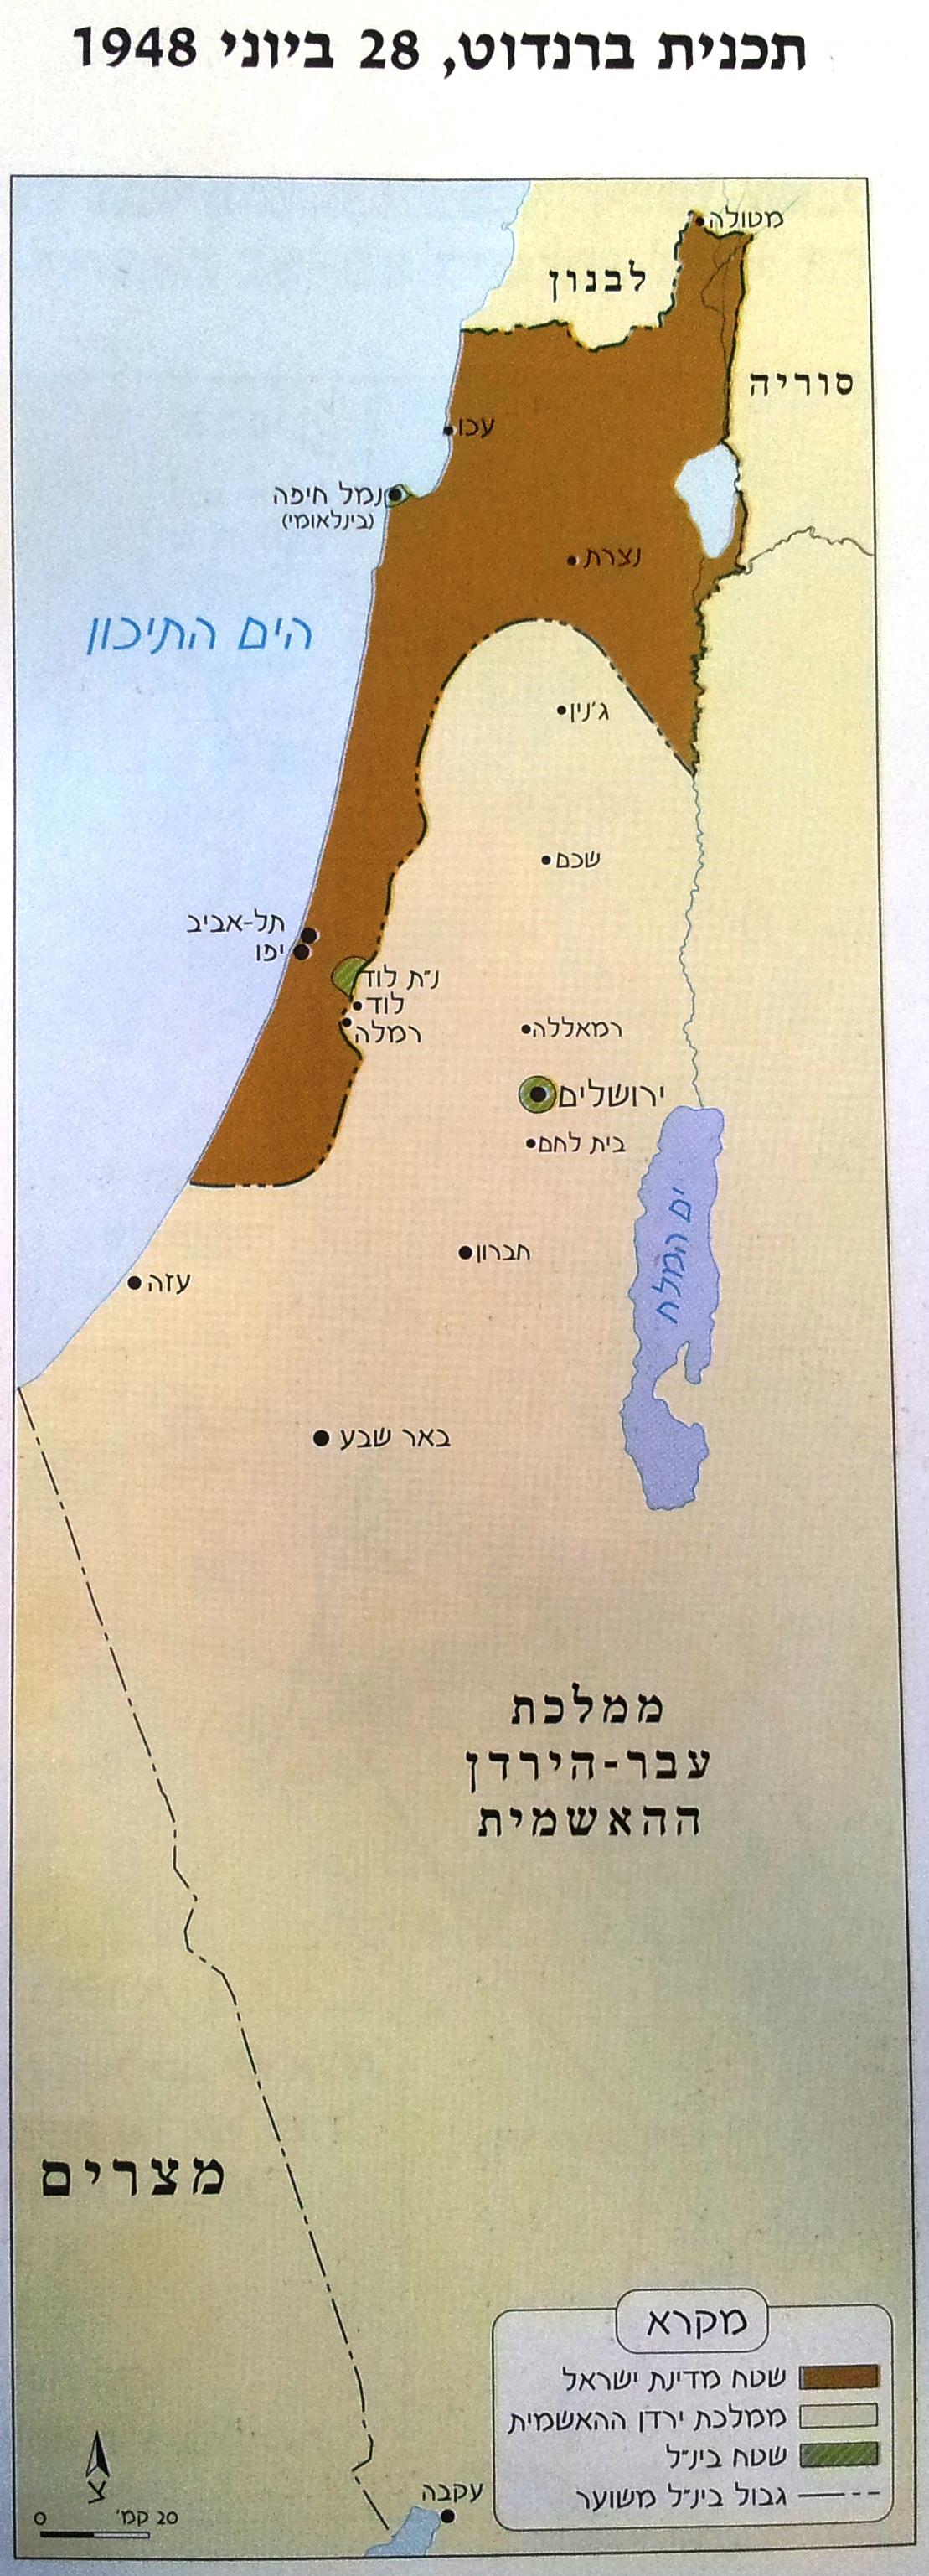 The First Bernadotte Plan - Hebrew Map